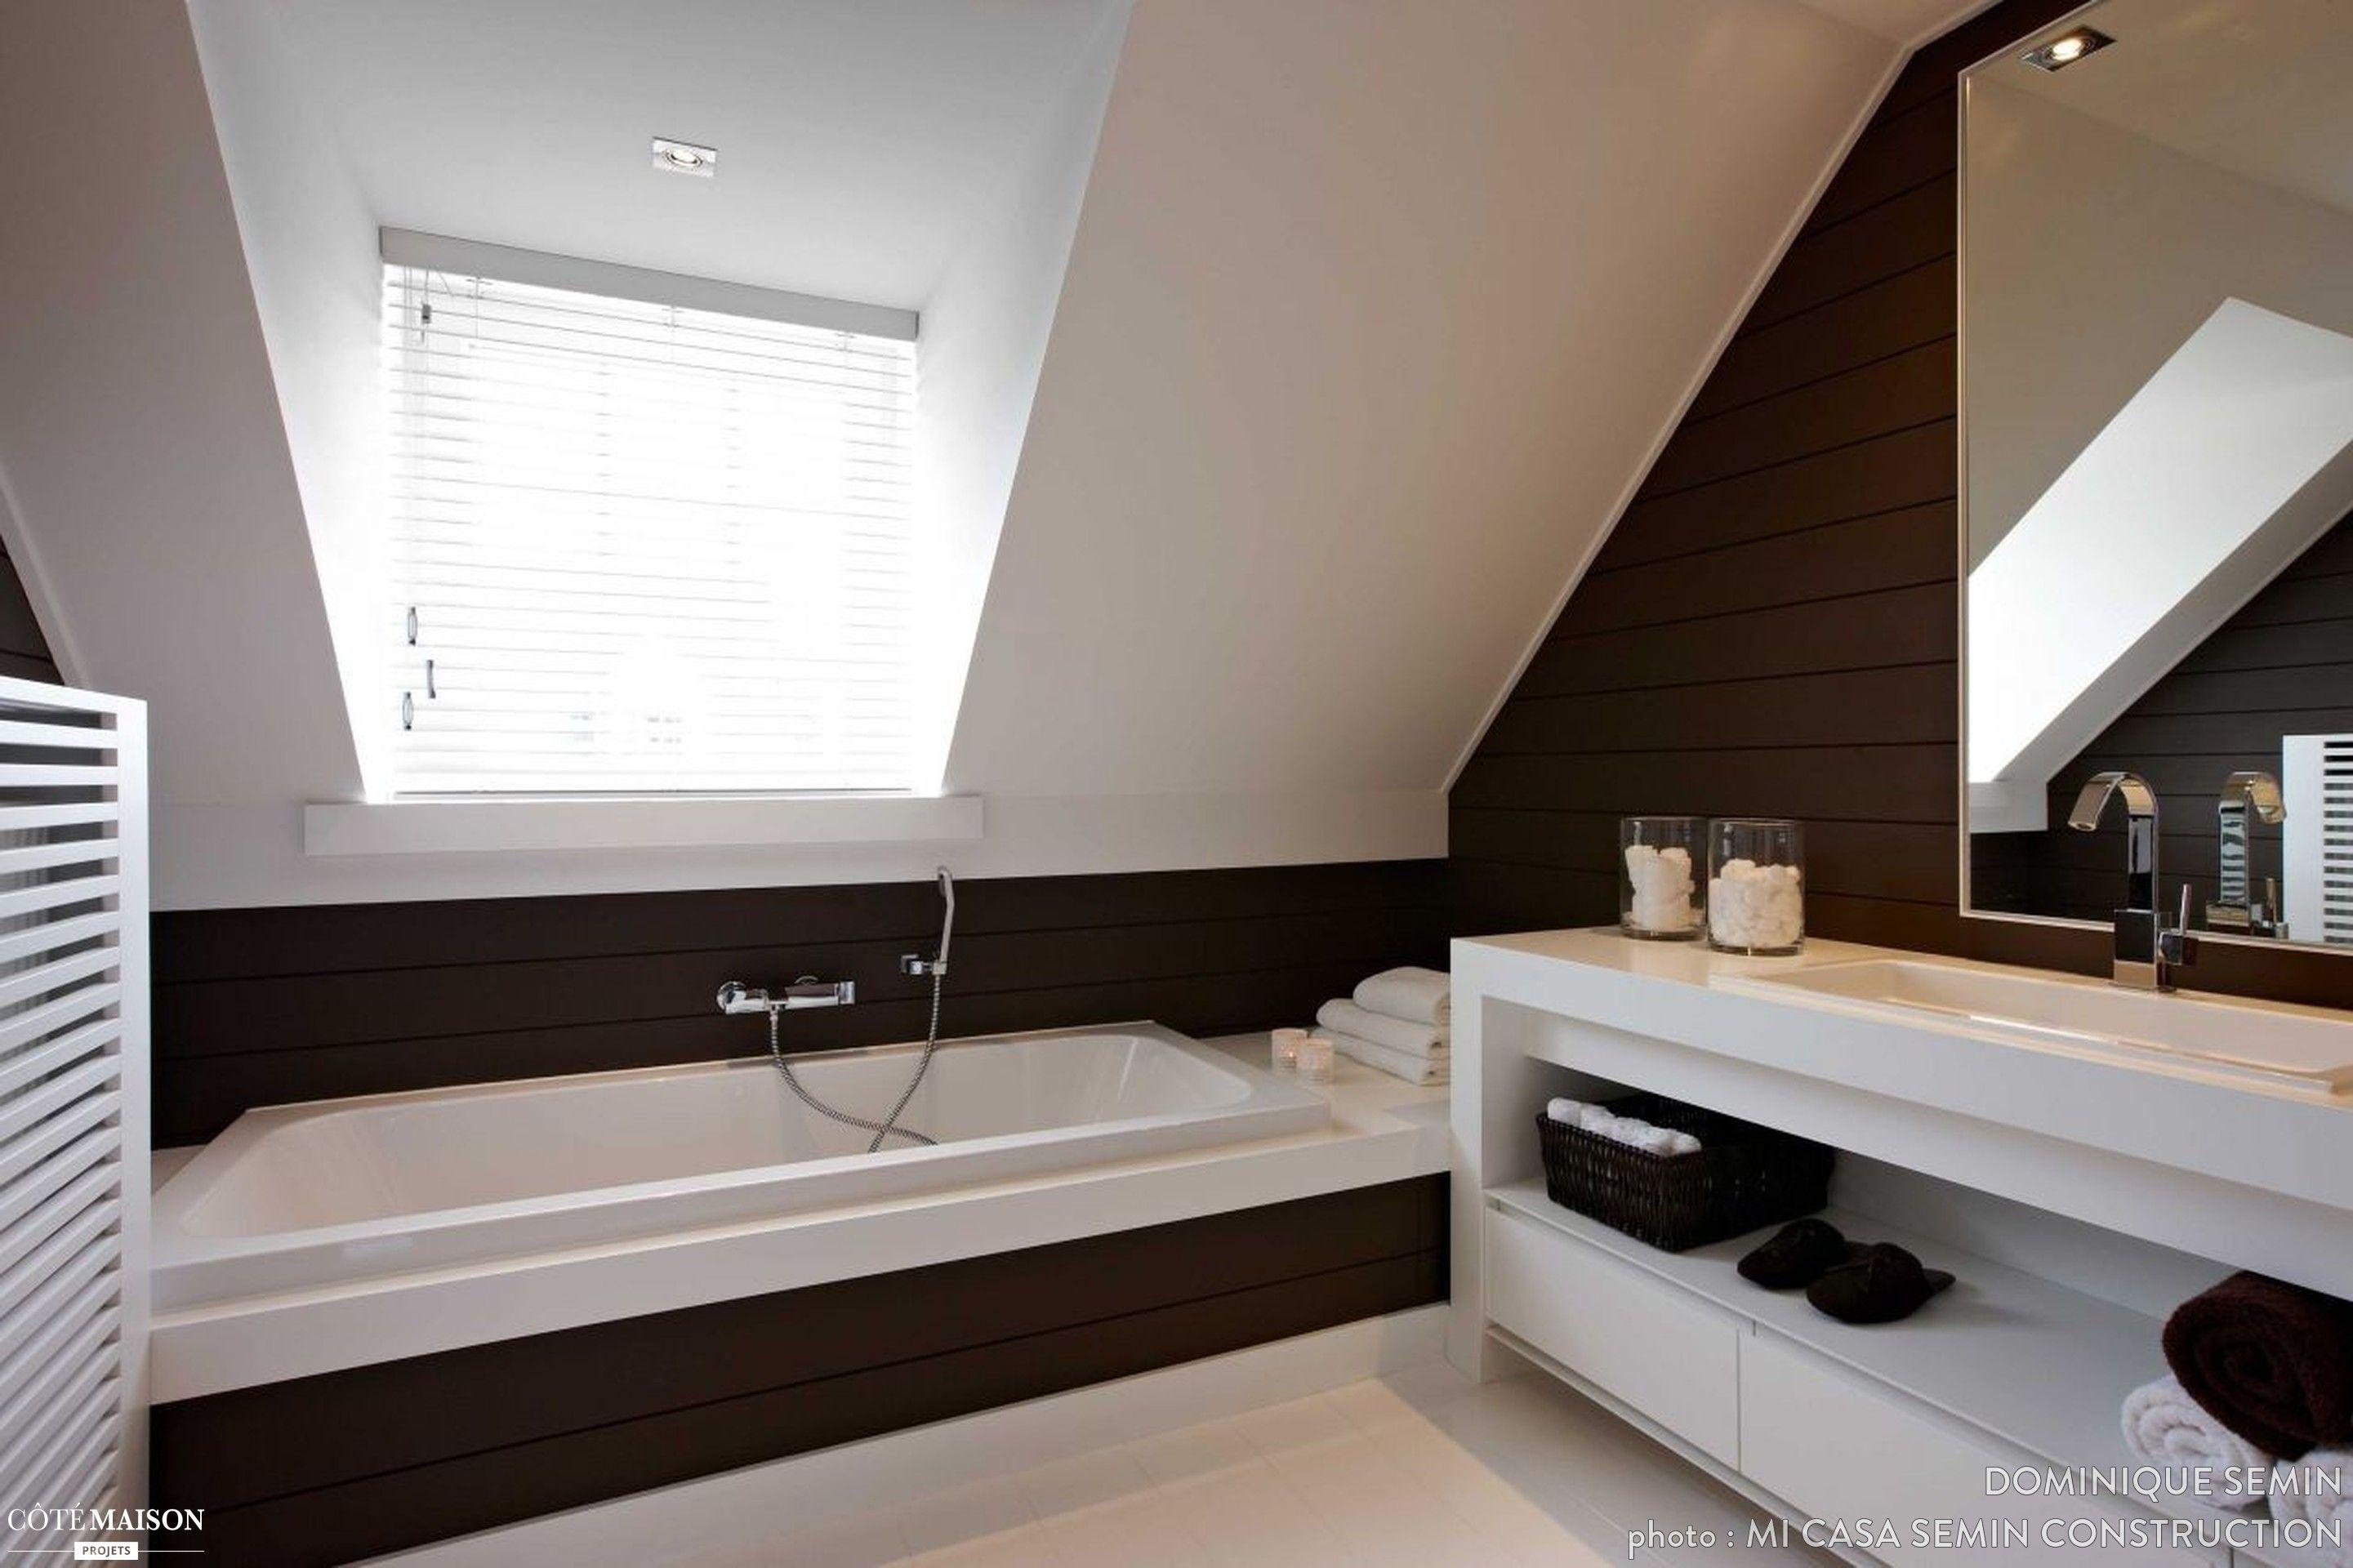 Photo Salle De Bain Sous Comble une salle de bains sous les combles moderne et design